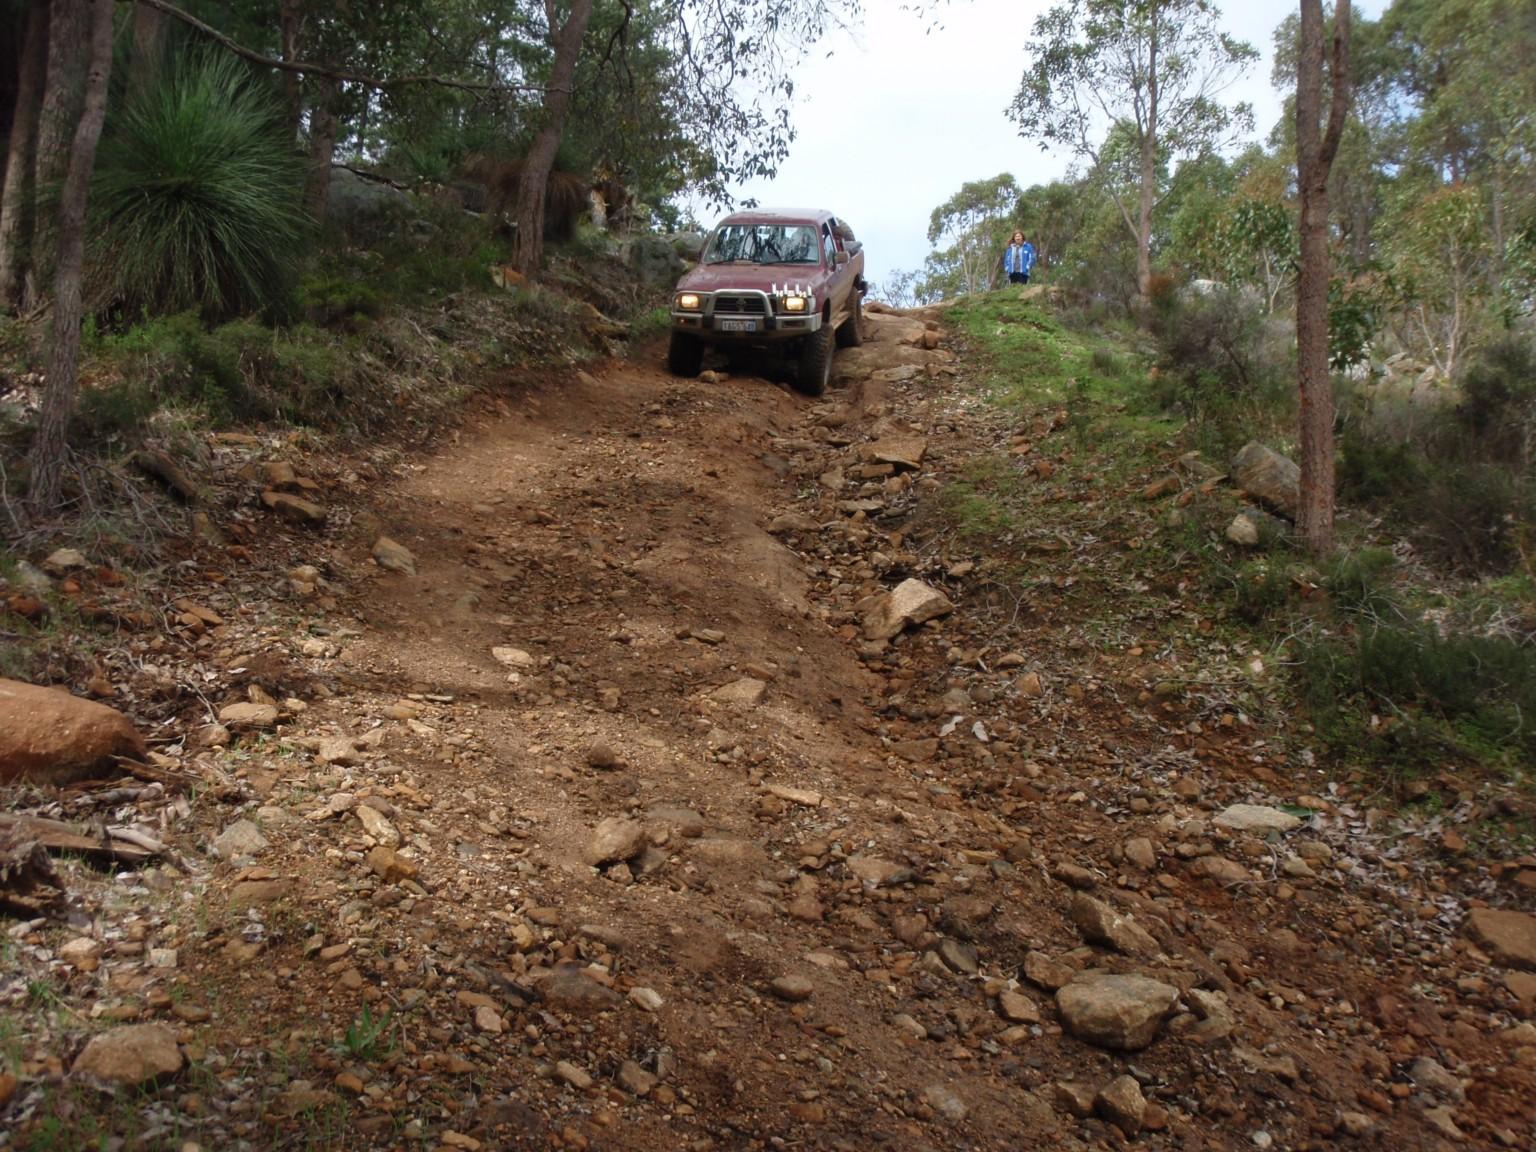 Western Australian 4x4